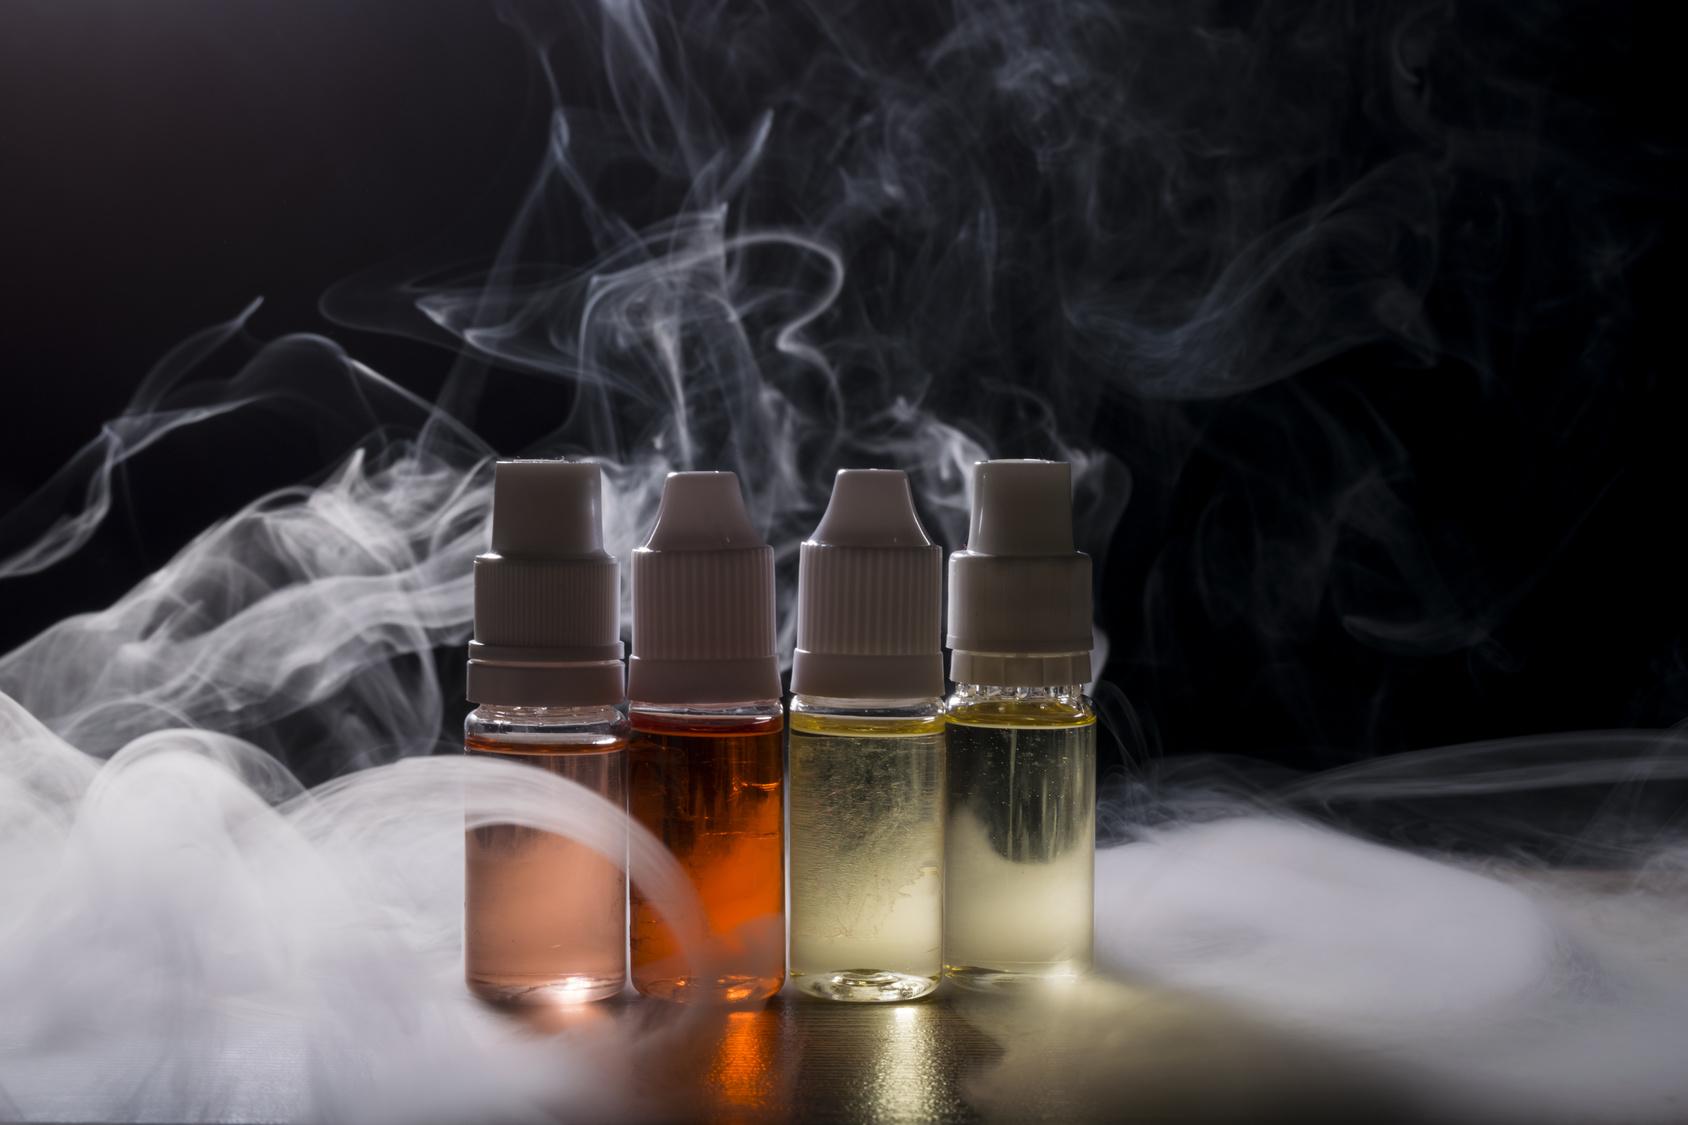 Ist Aroma in Liquids wirklich giftig oder krebserregend?